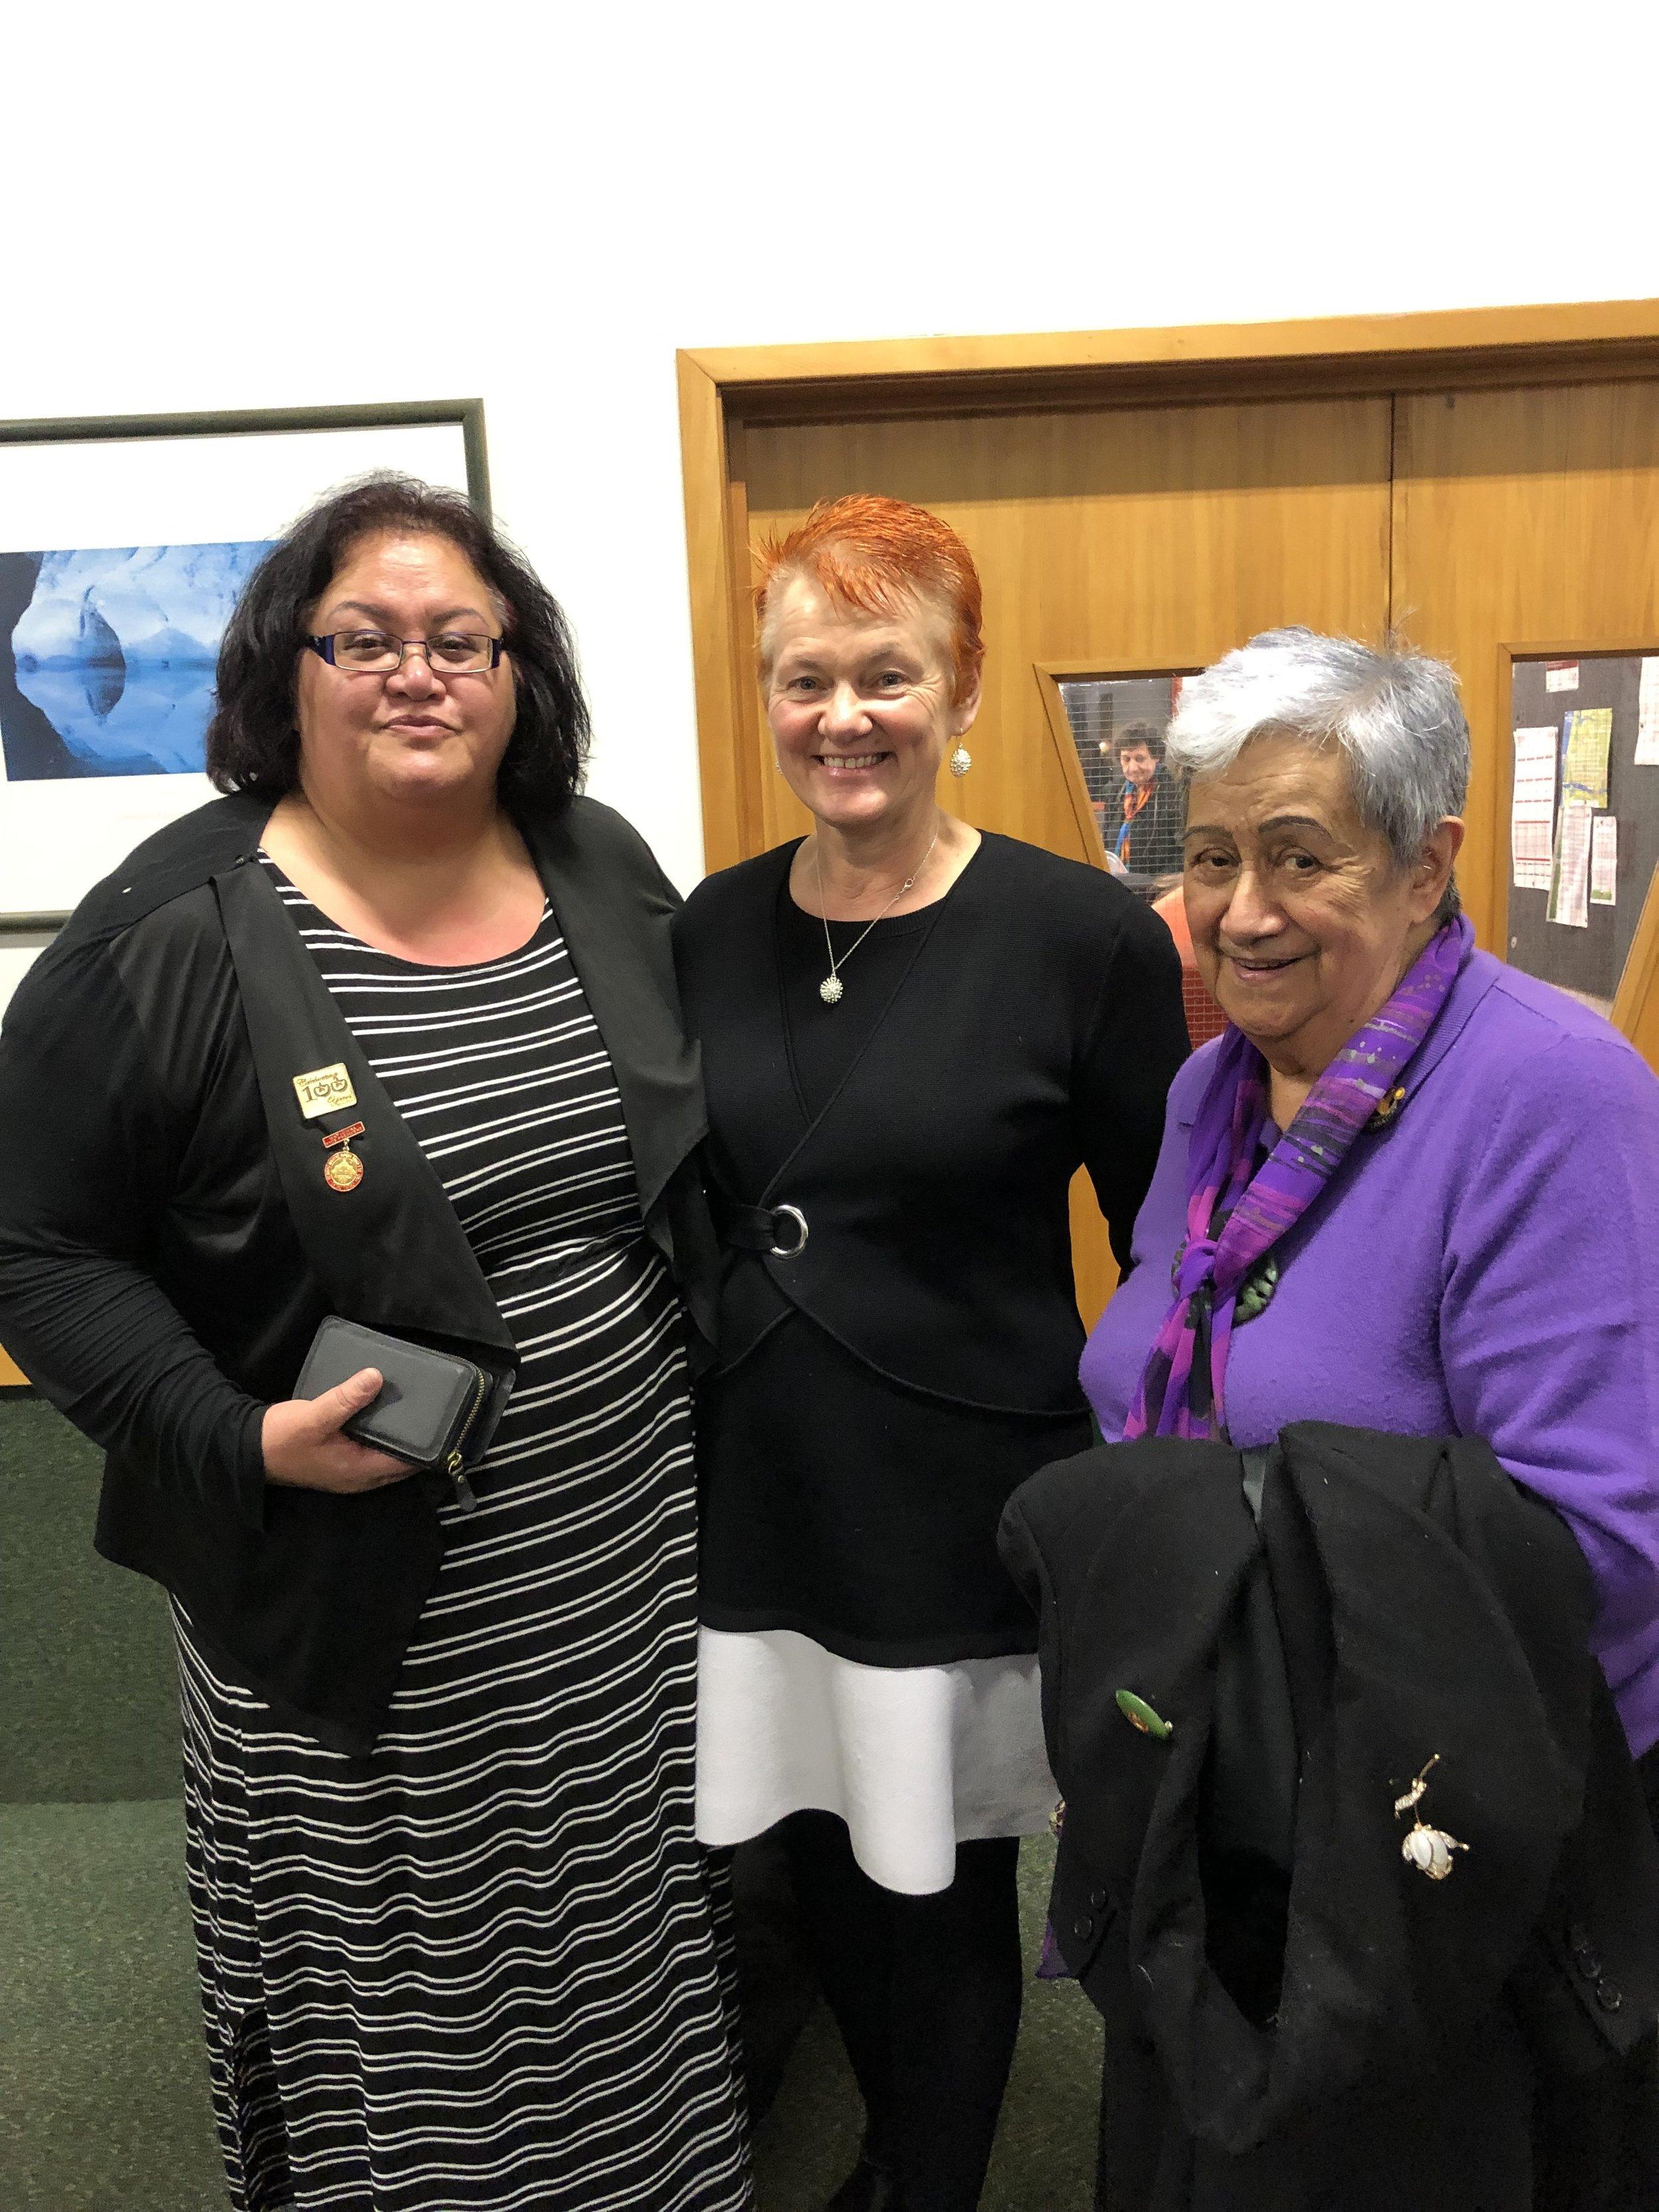 With Taua Aroha Reriti-Crofts and Amiria Reriti.